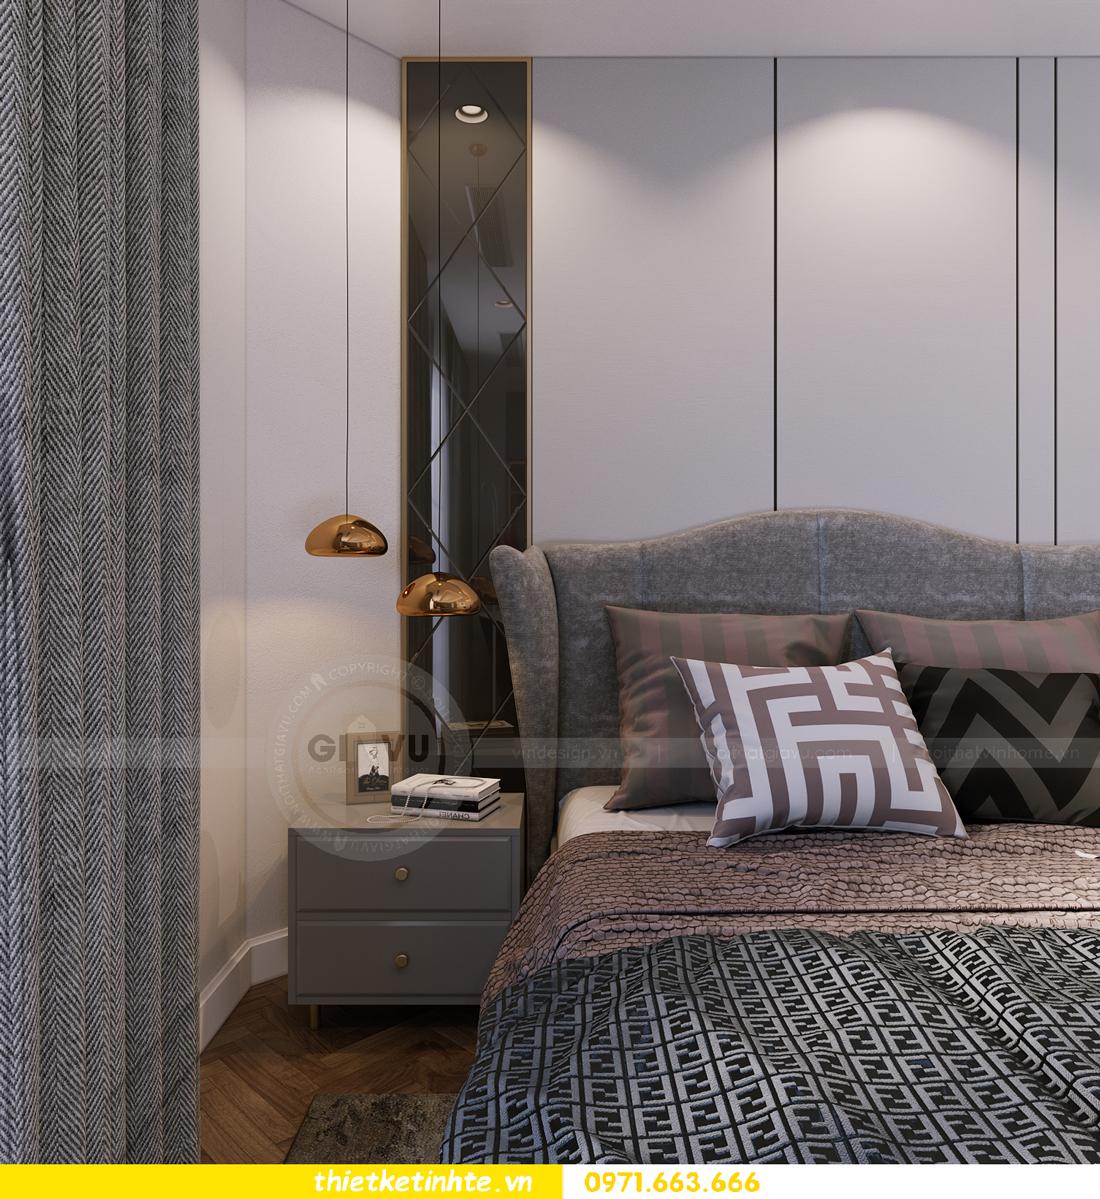 thiết kế thi công nội thất biệt thự Ngọc Trai Vinhomes Ocean Park 33